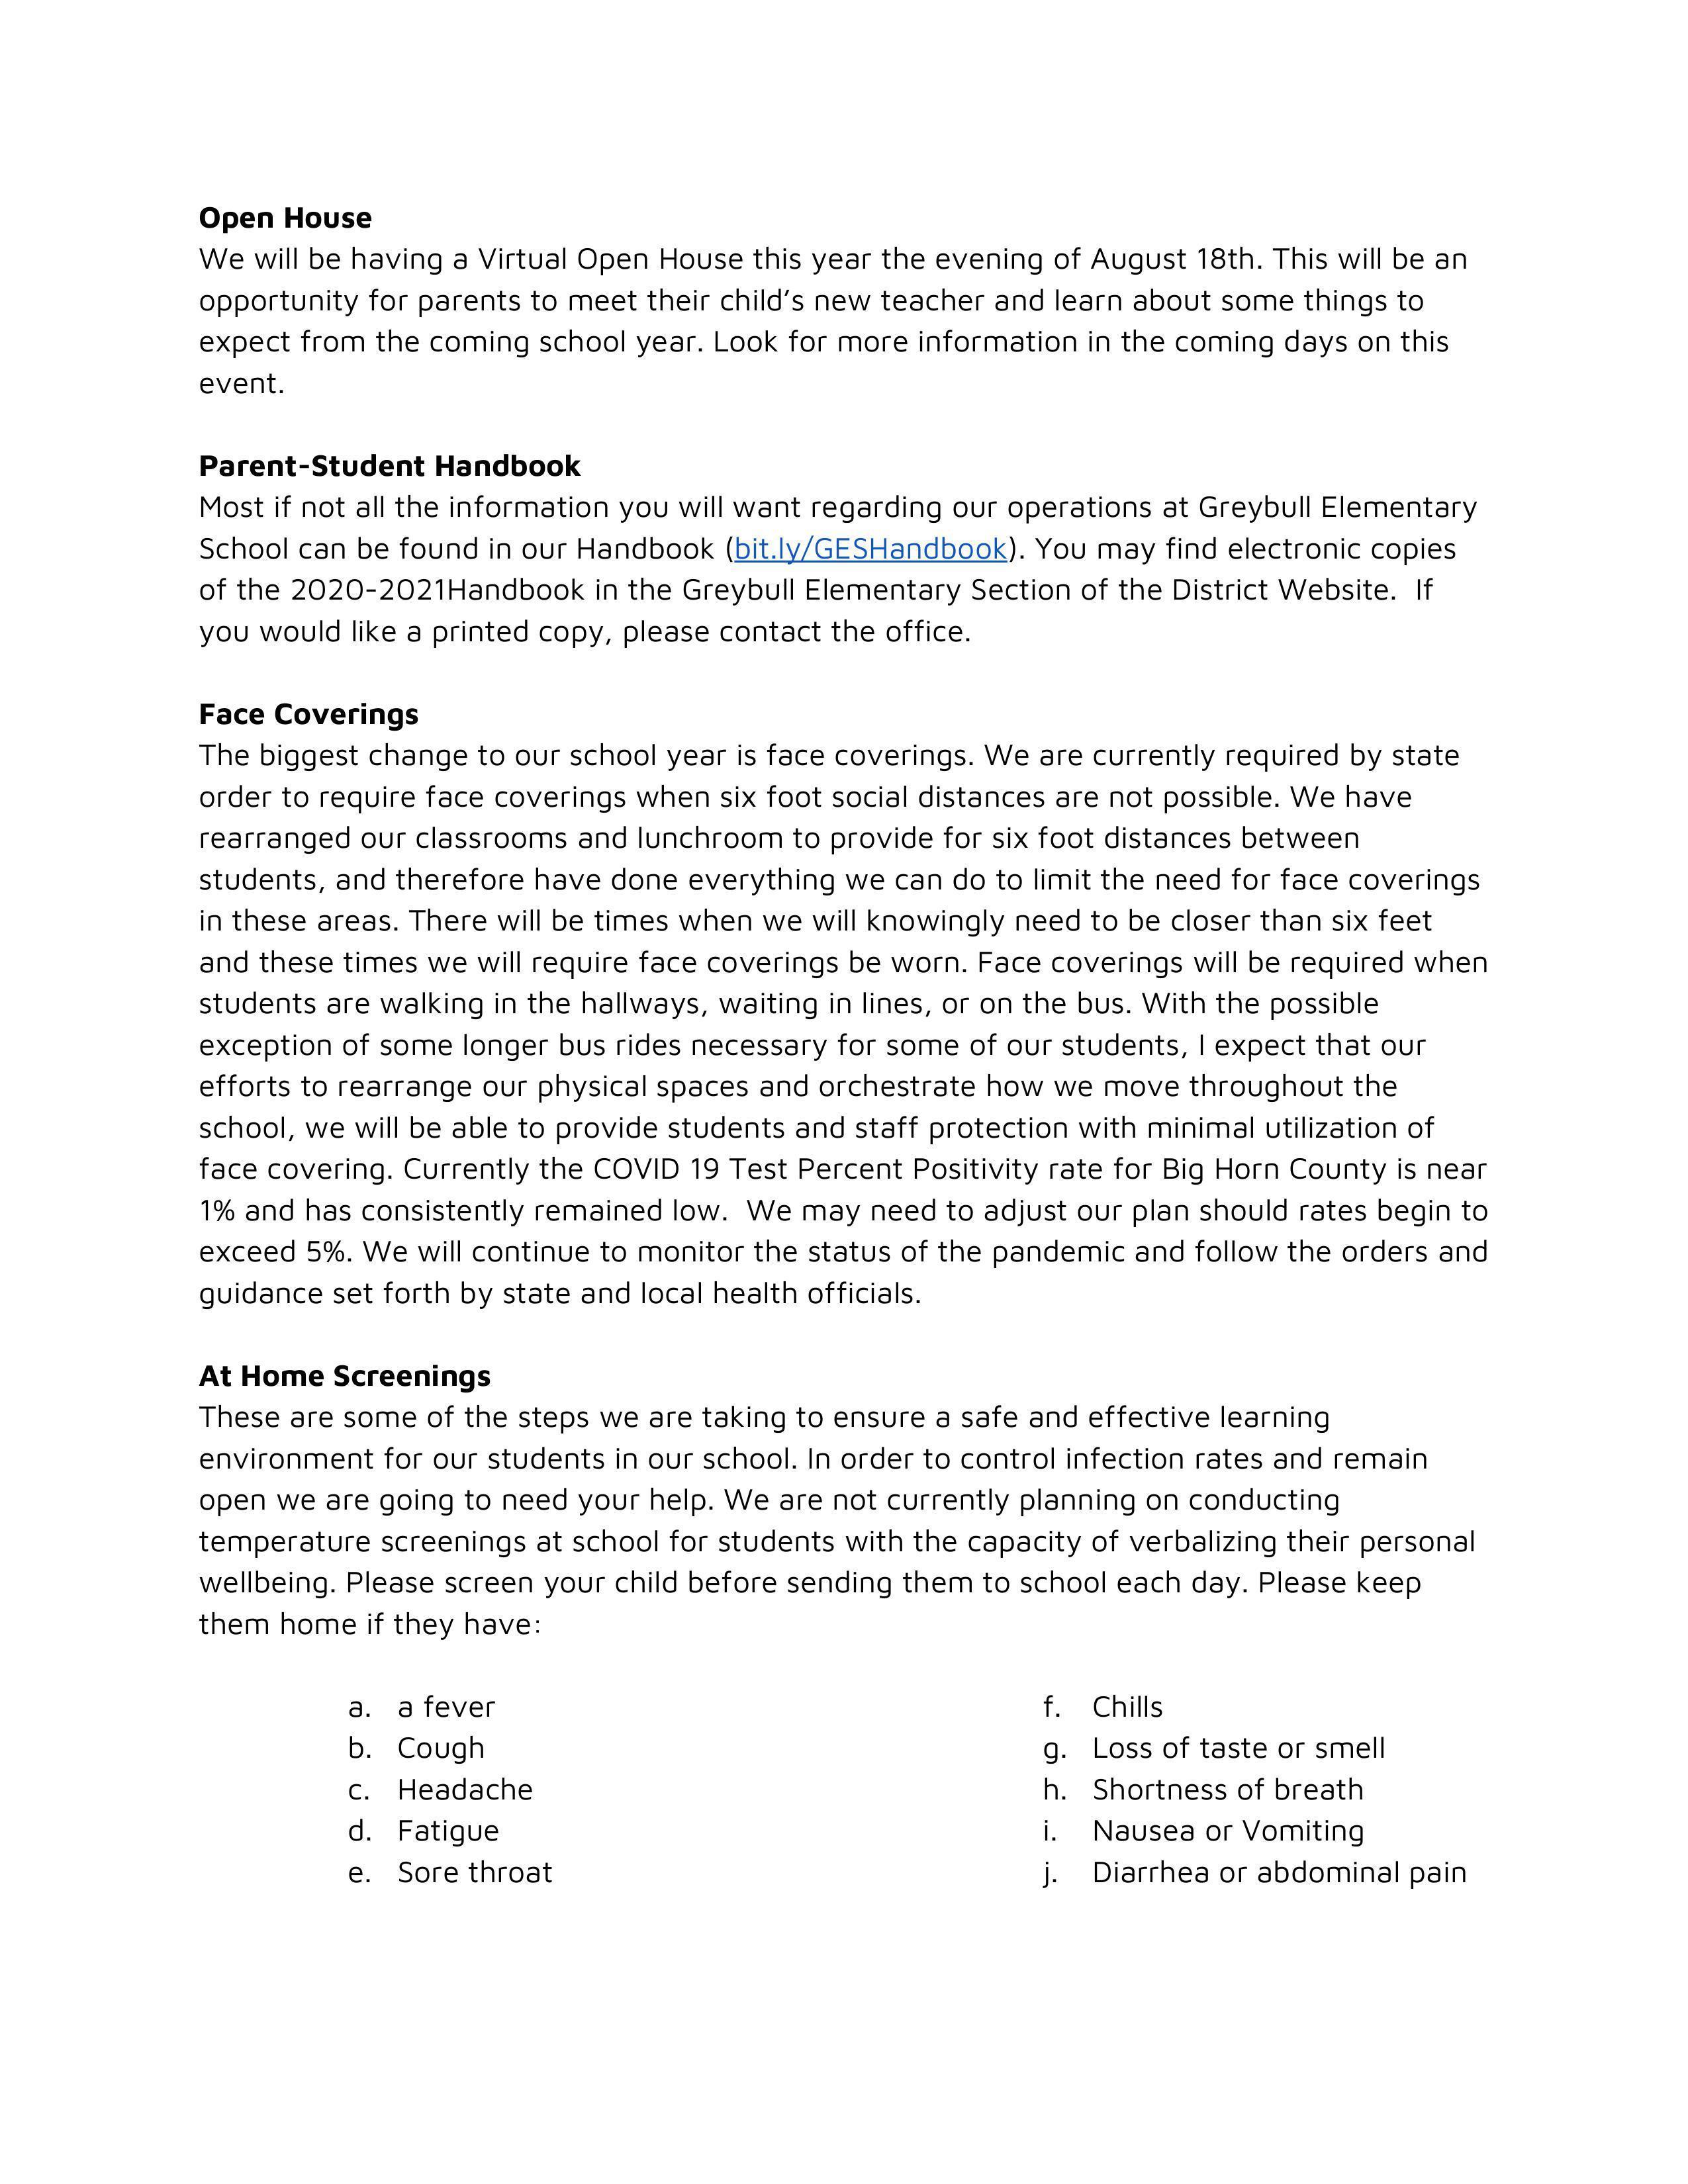 Parent Letter Page 3